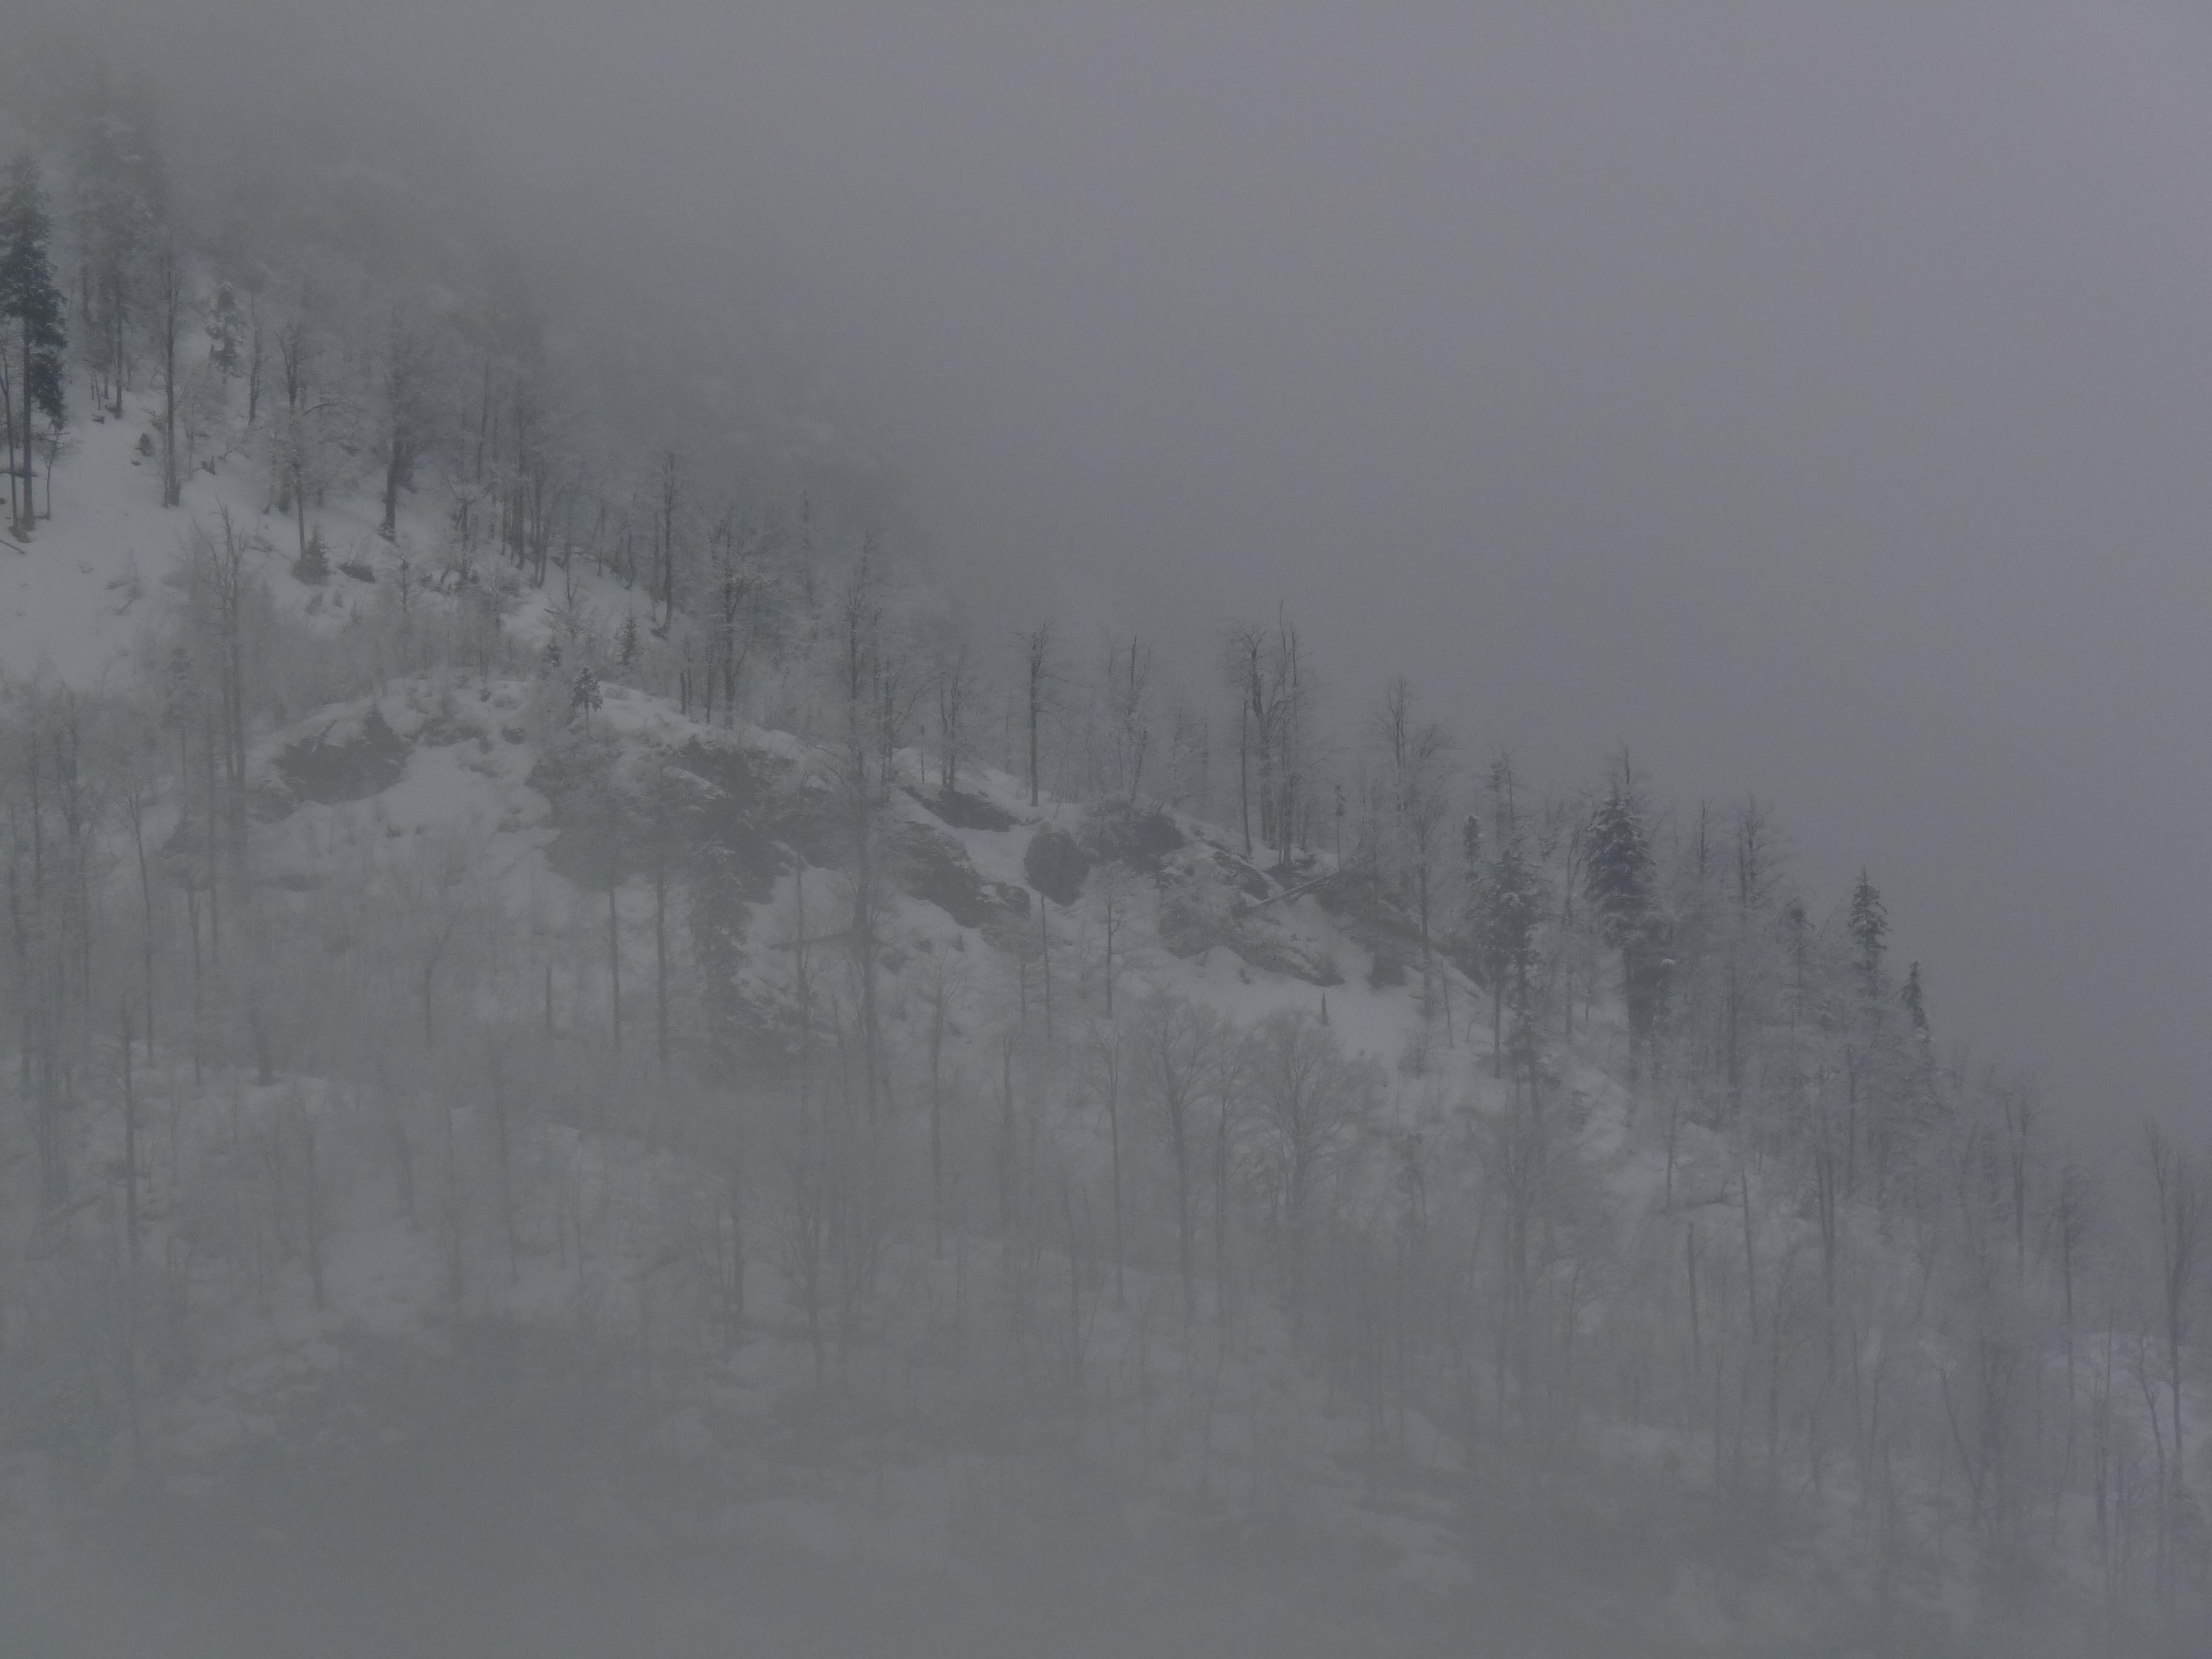 Vogel mists